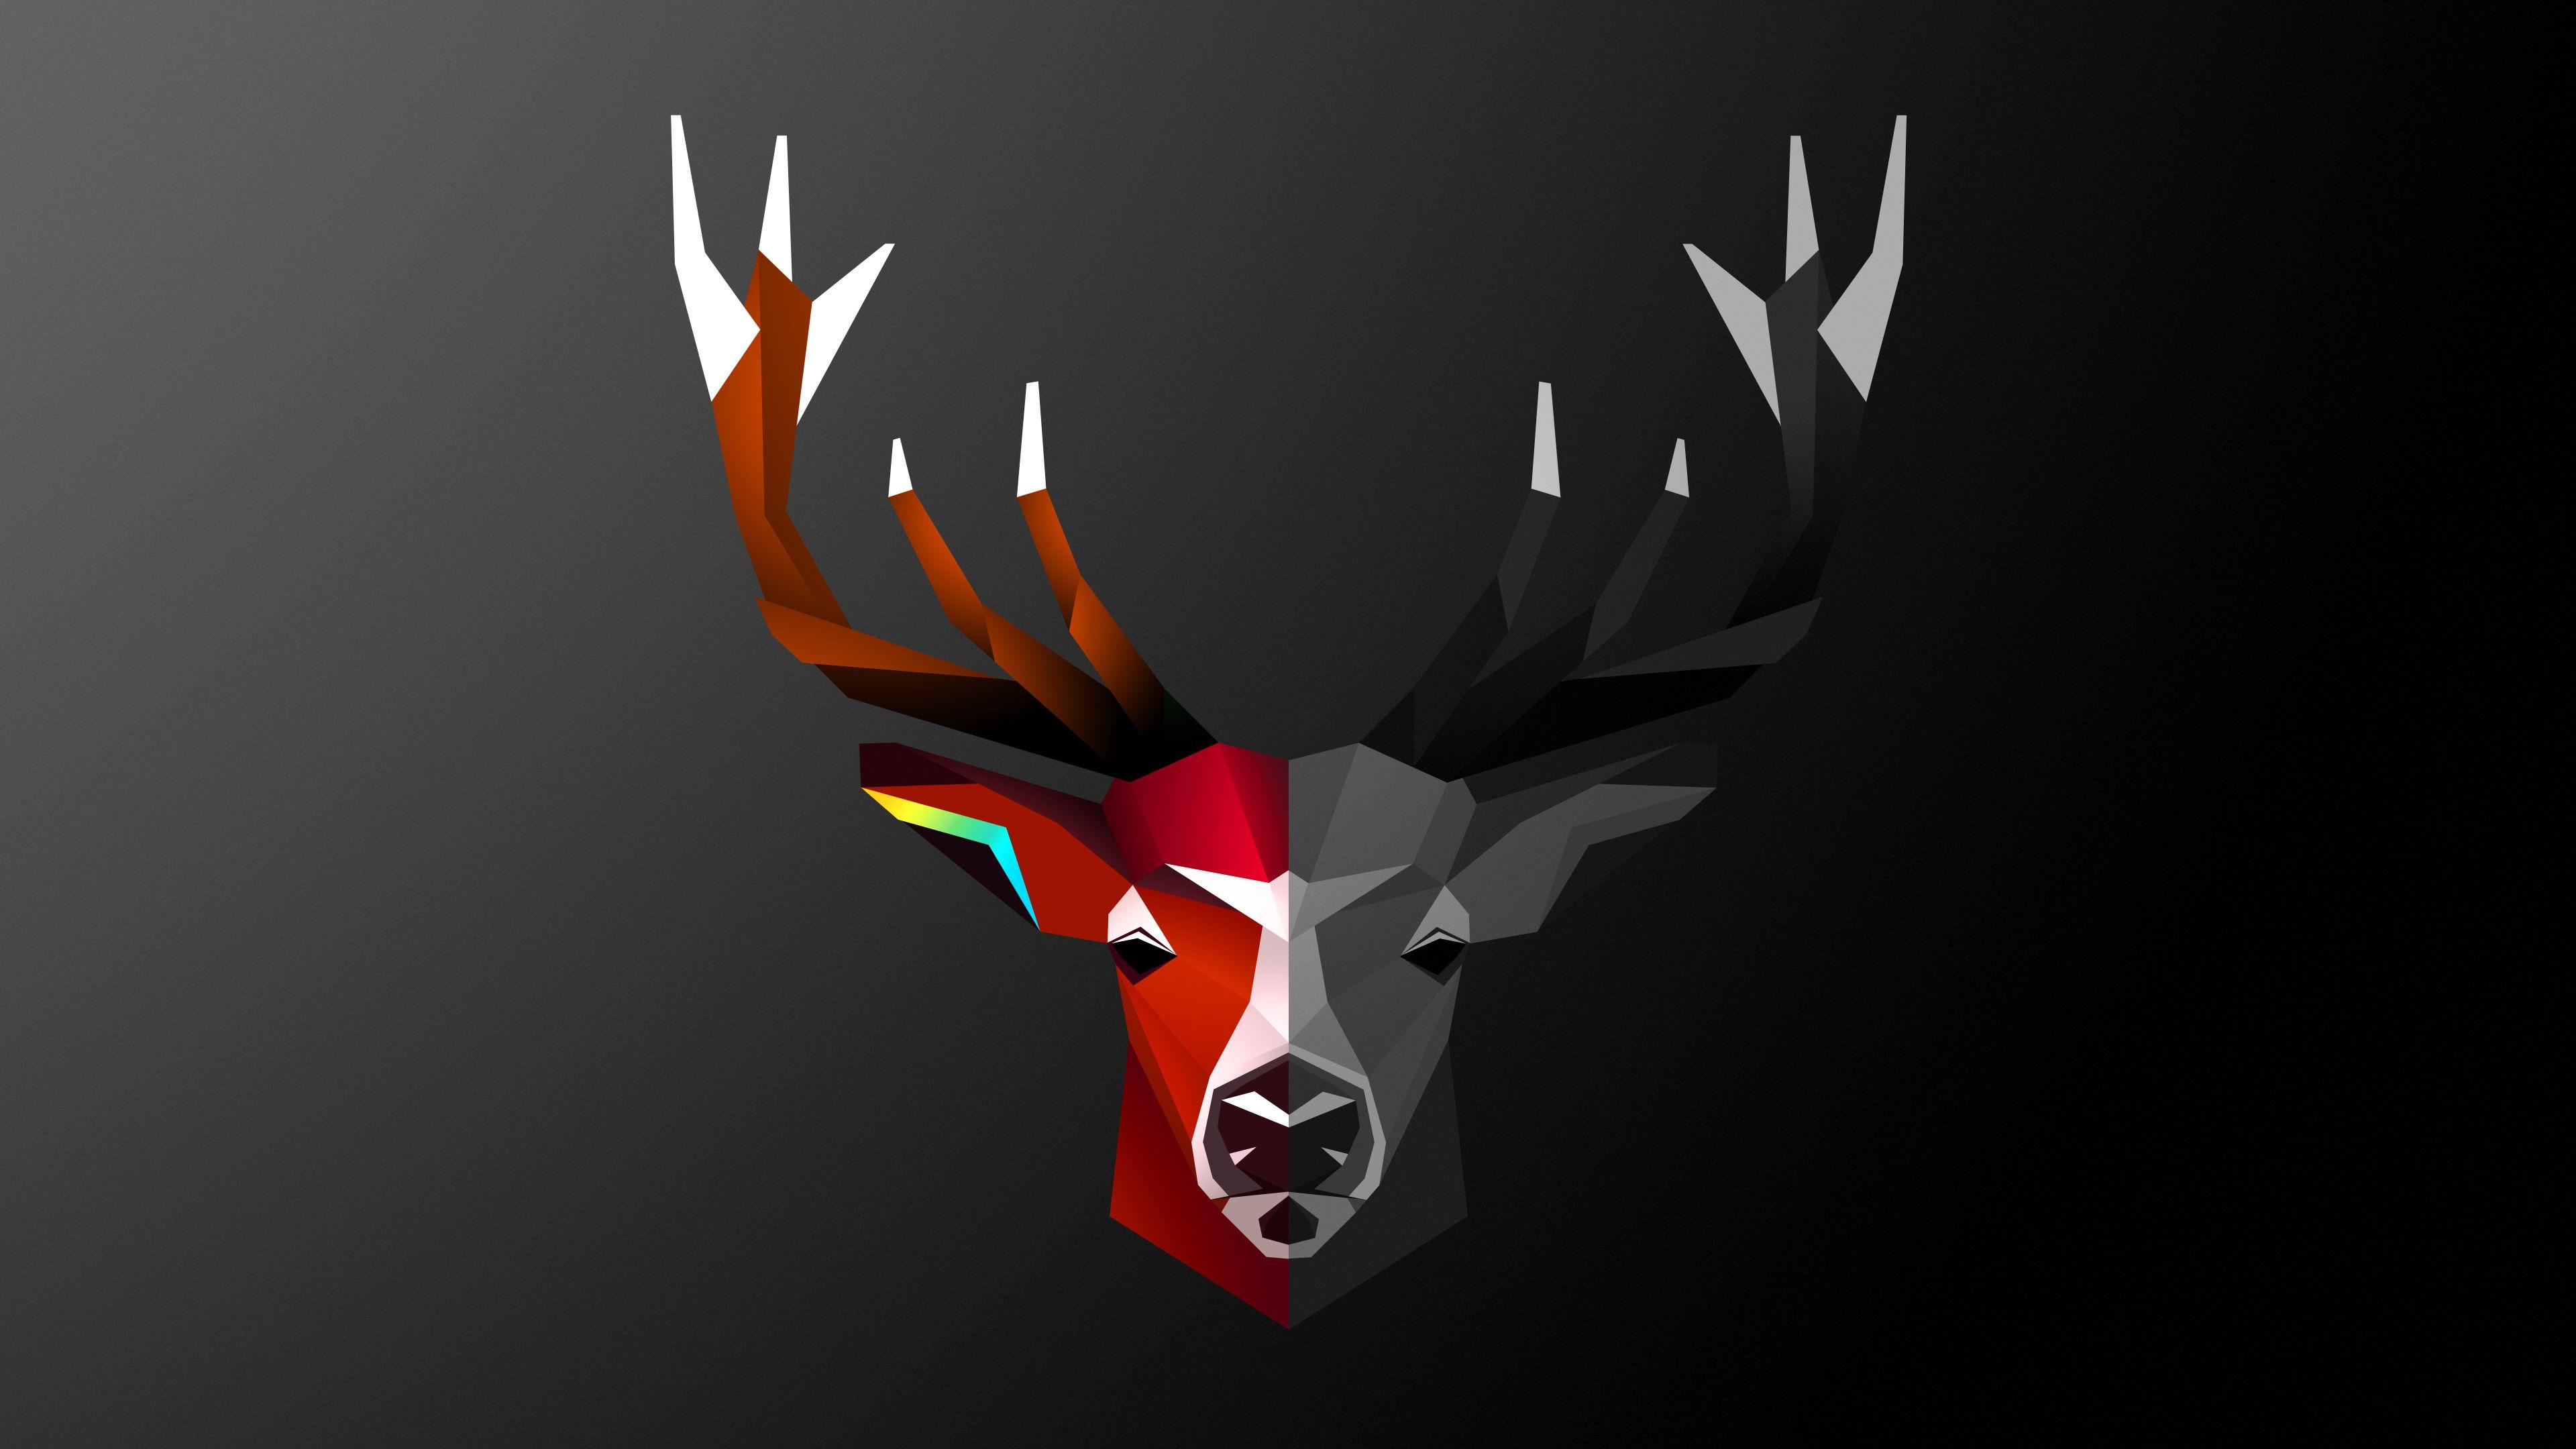 Abstract Deer Wallpapers   Top Abstract Deer Backgrounds 3840x2160